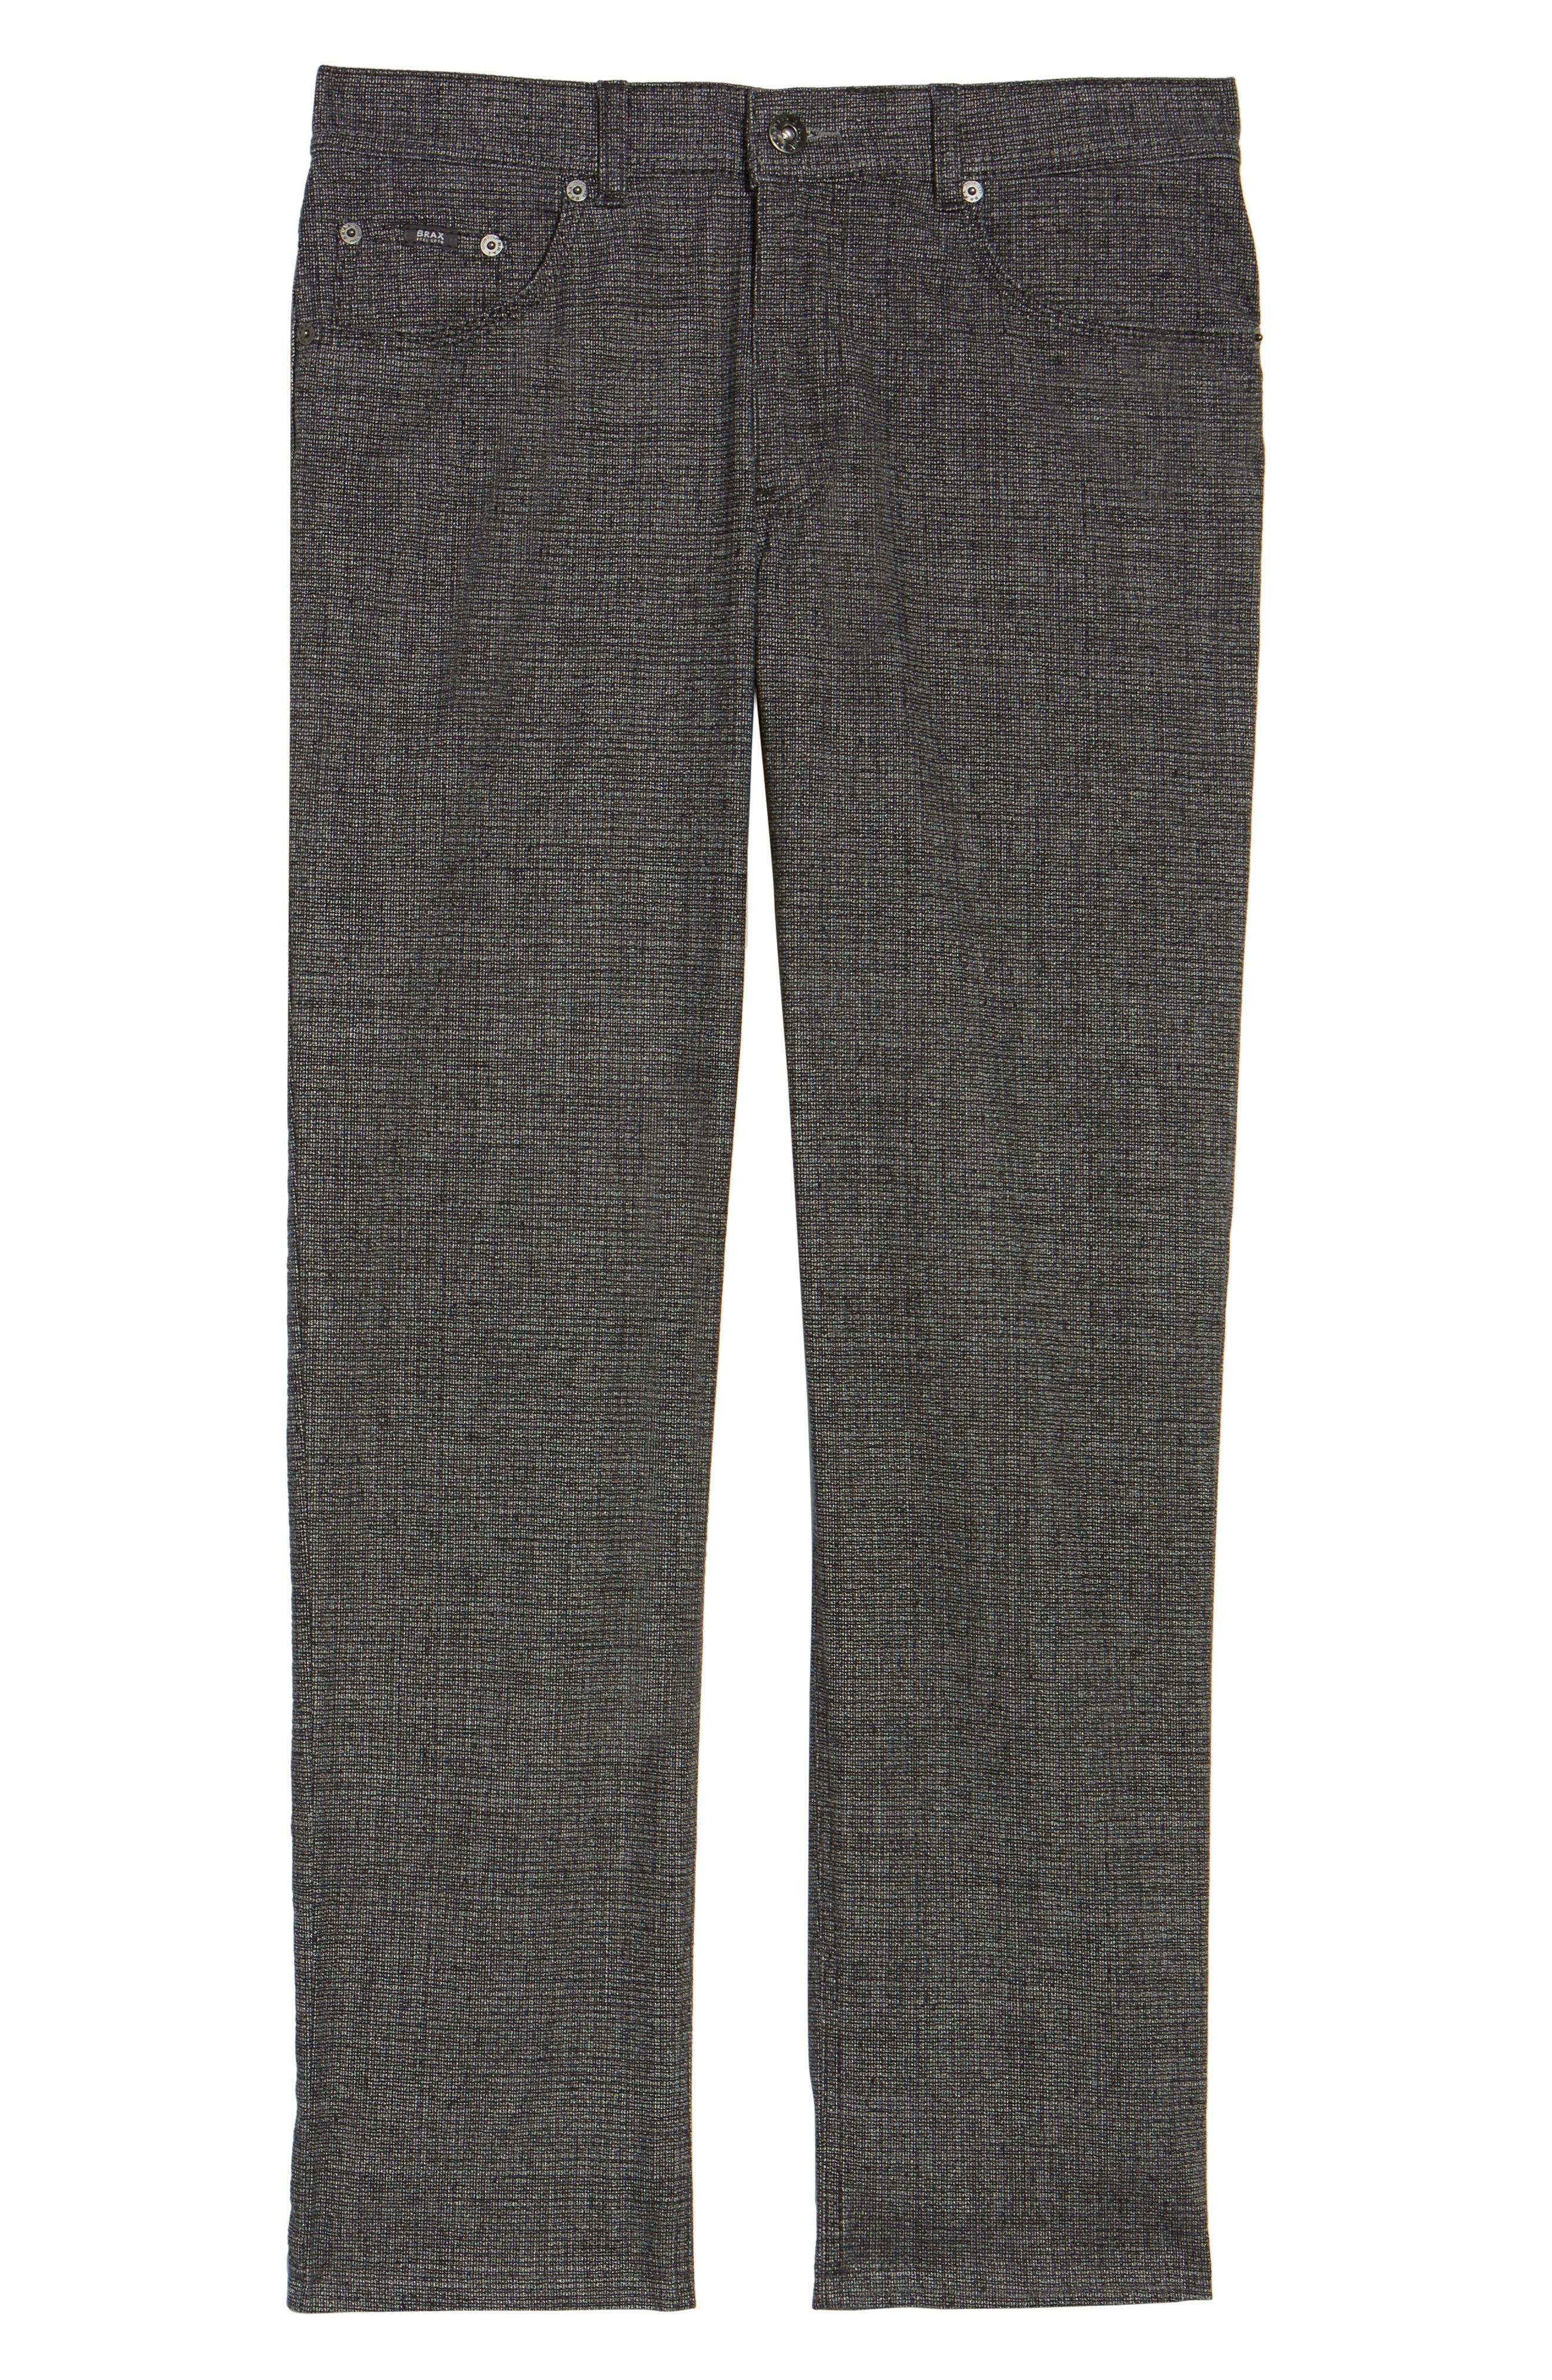 Cotton Blend Five-Pocket Trousers,                             Alternate thumbnail 6, color,                             005